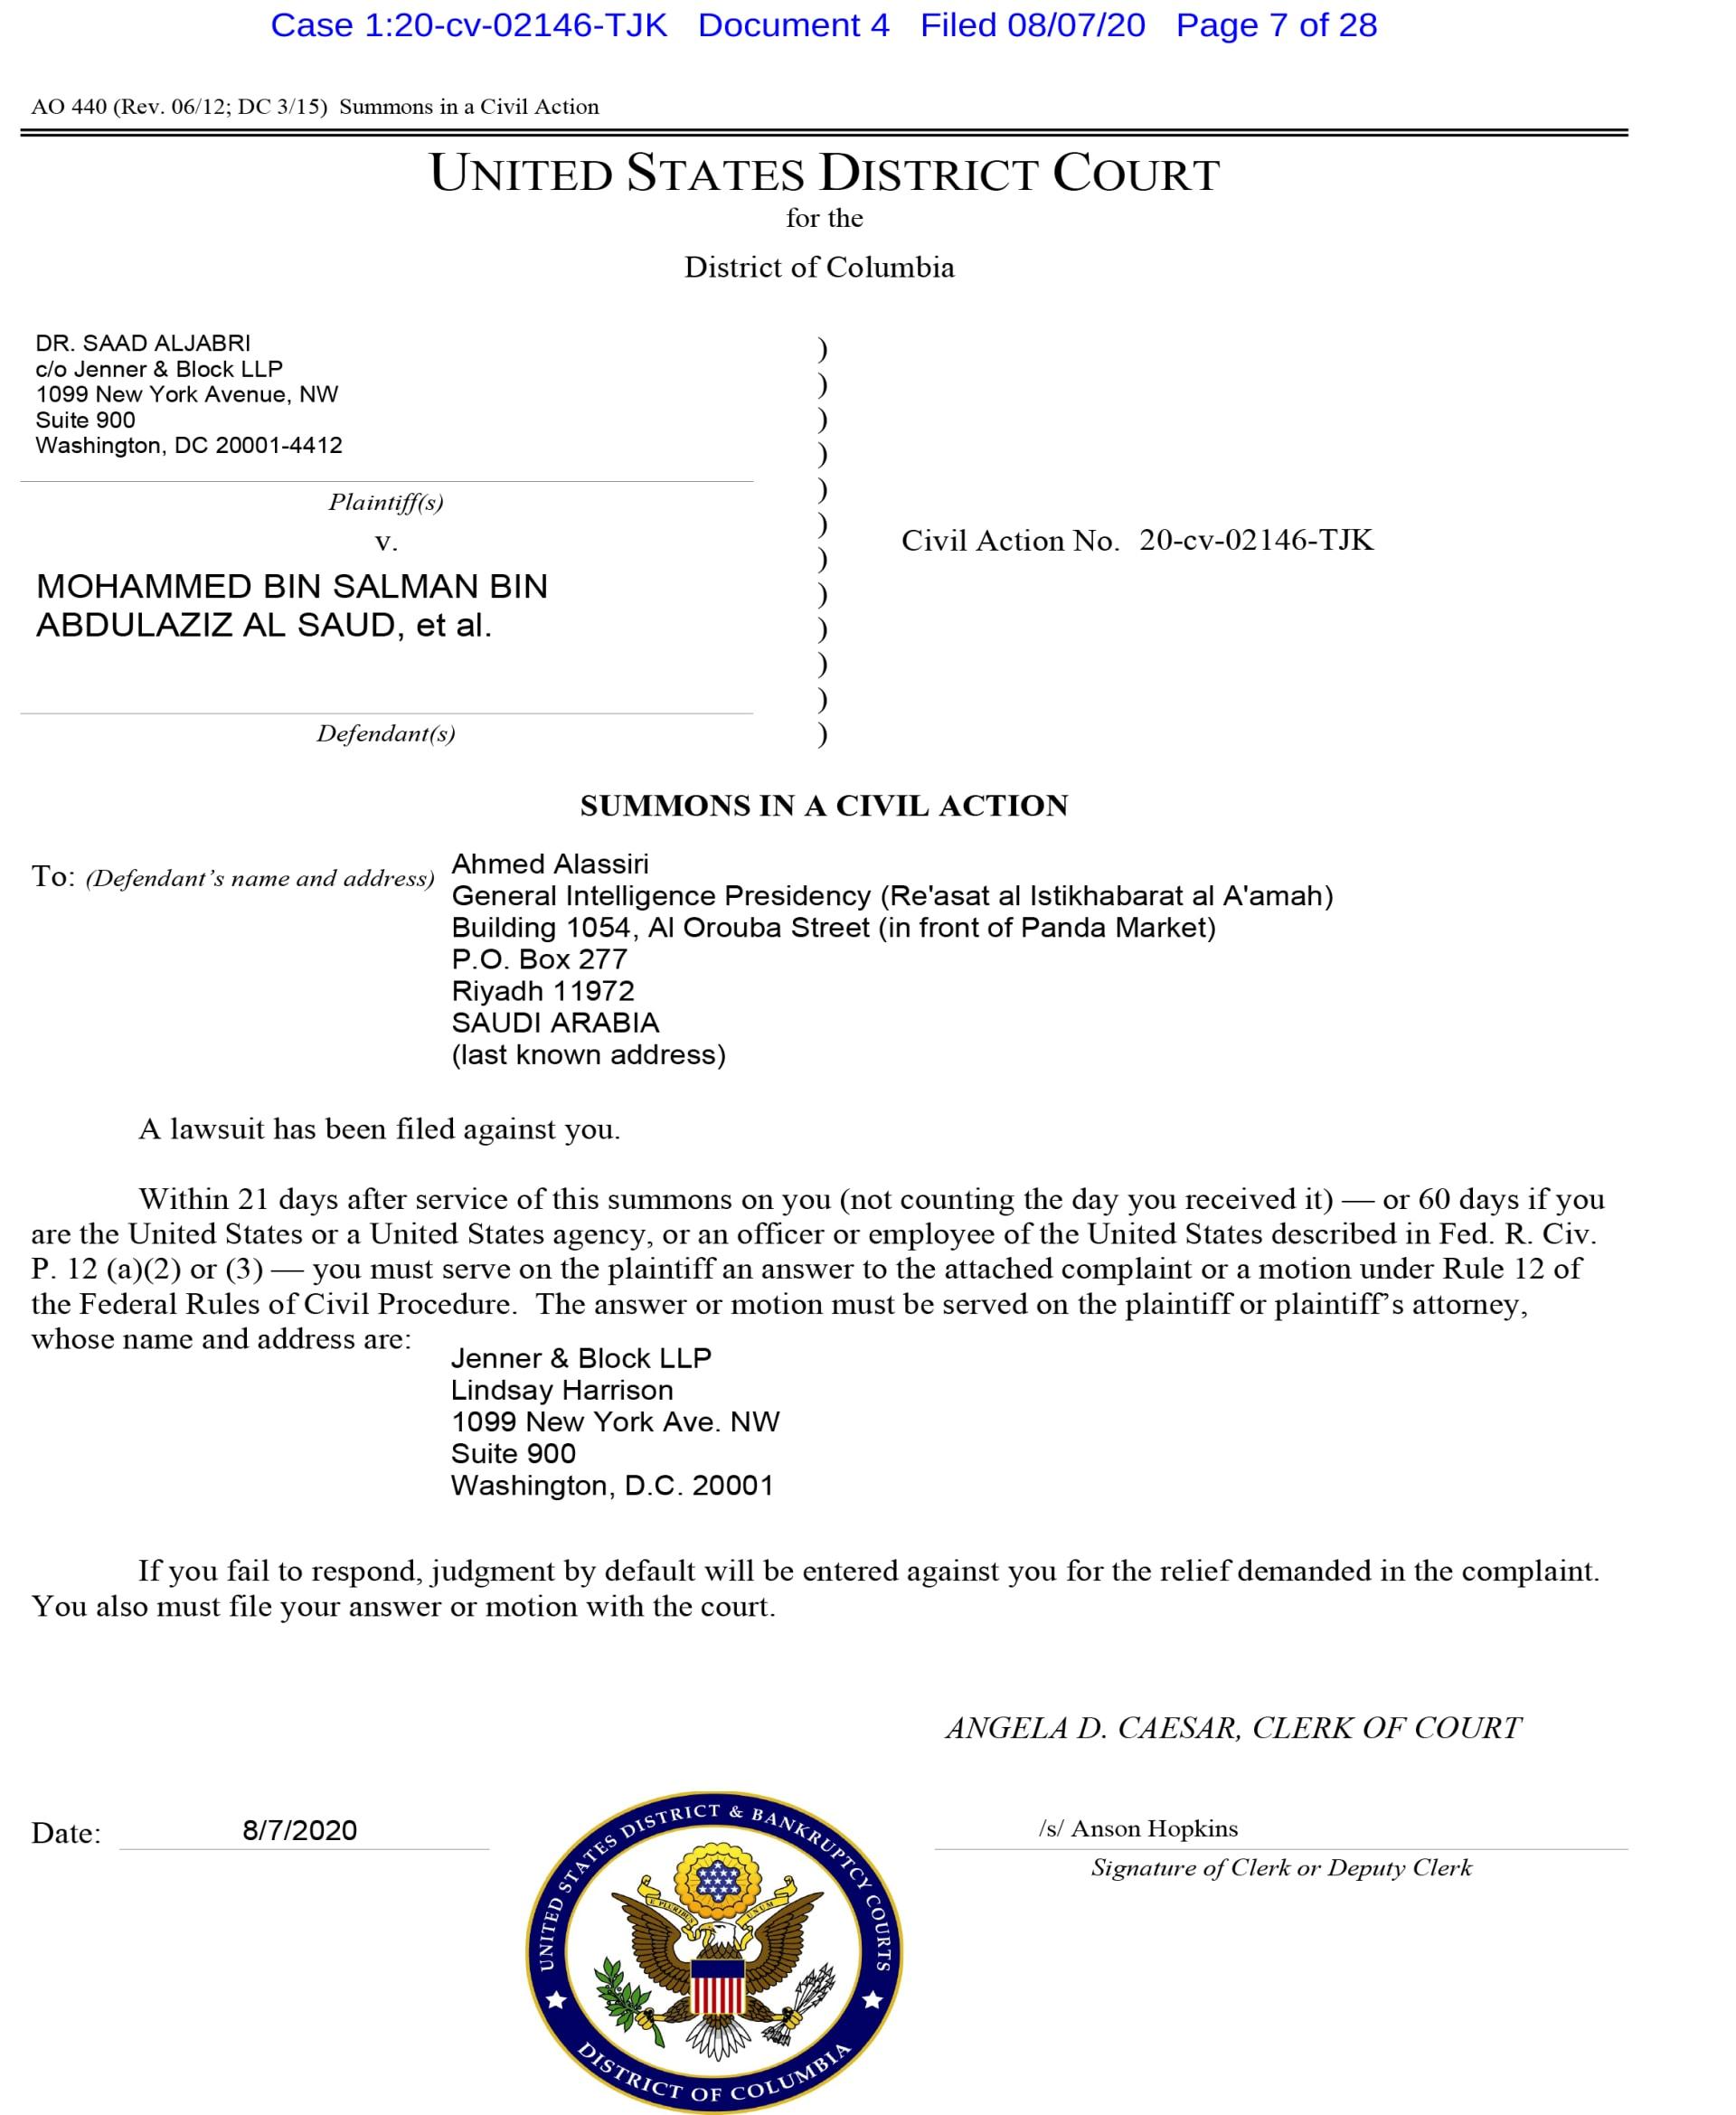 صورة من مذكرة المحكمة إلى أحمد العسيري